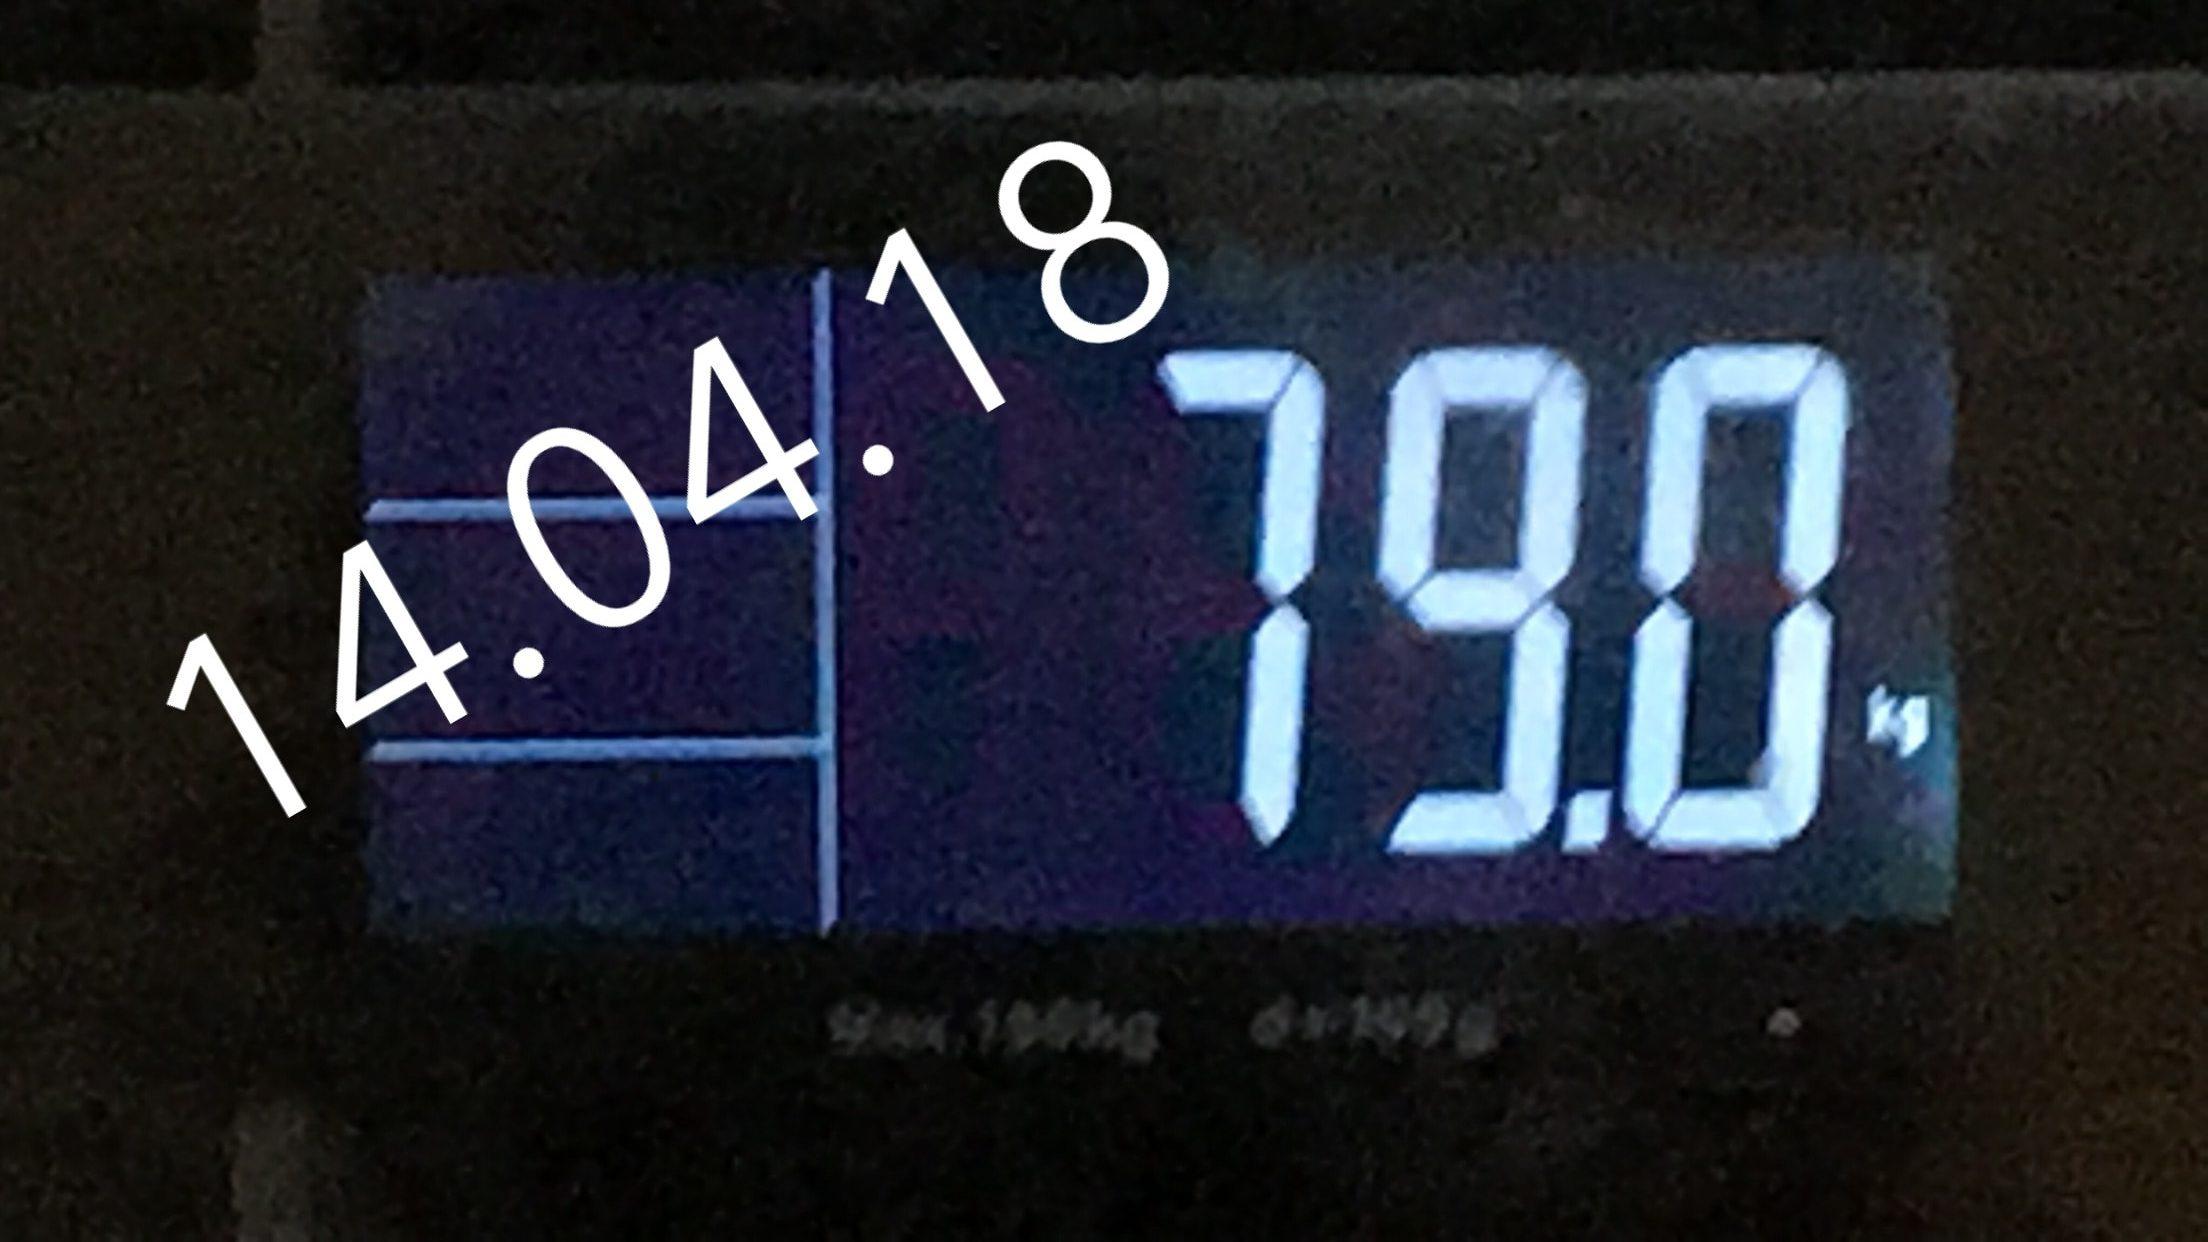 14.04.18 - 79 Kg- zunehmen Philip Baum